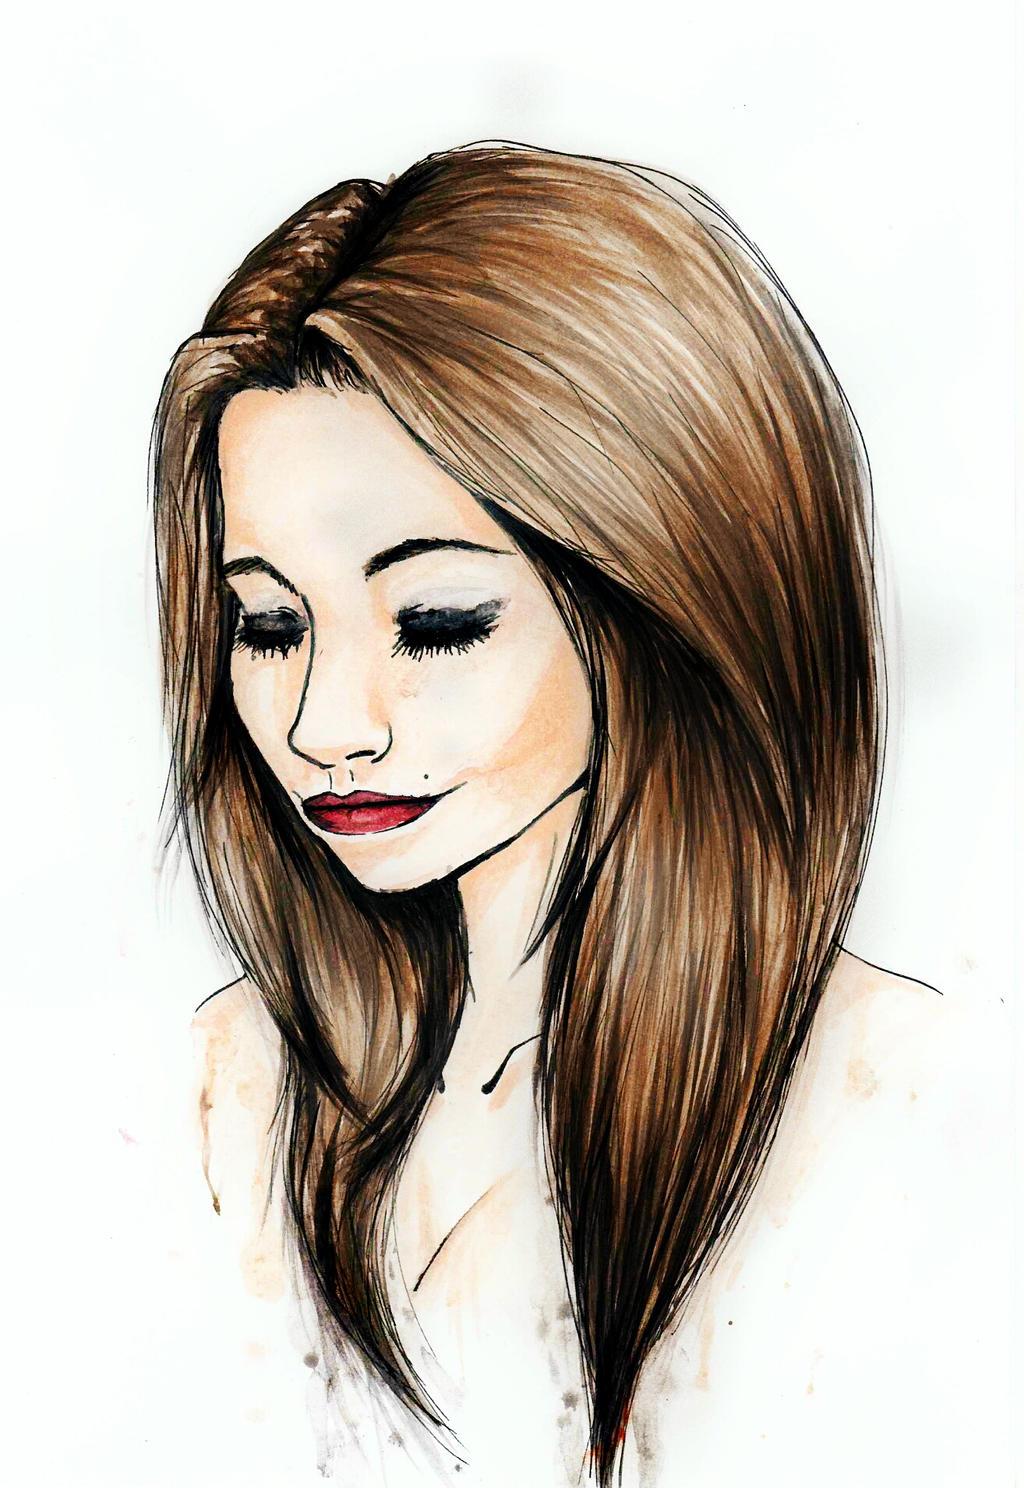 Sophie watercolor by zumrabihteracar watch fan art traditional art